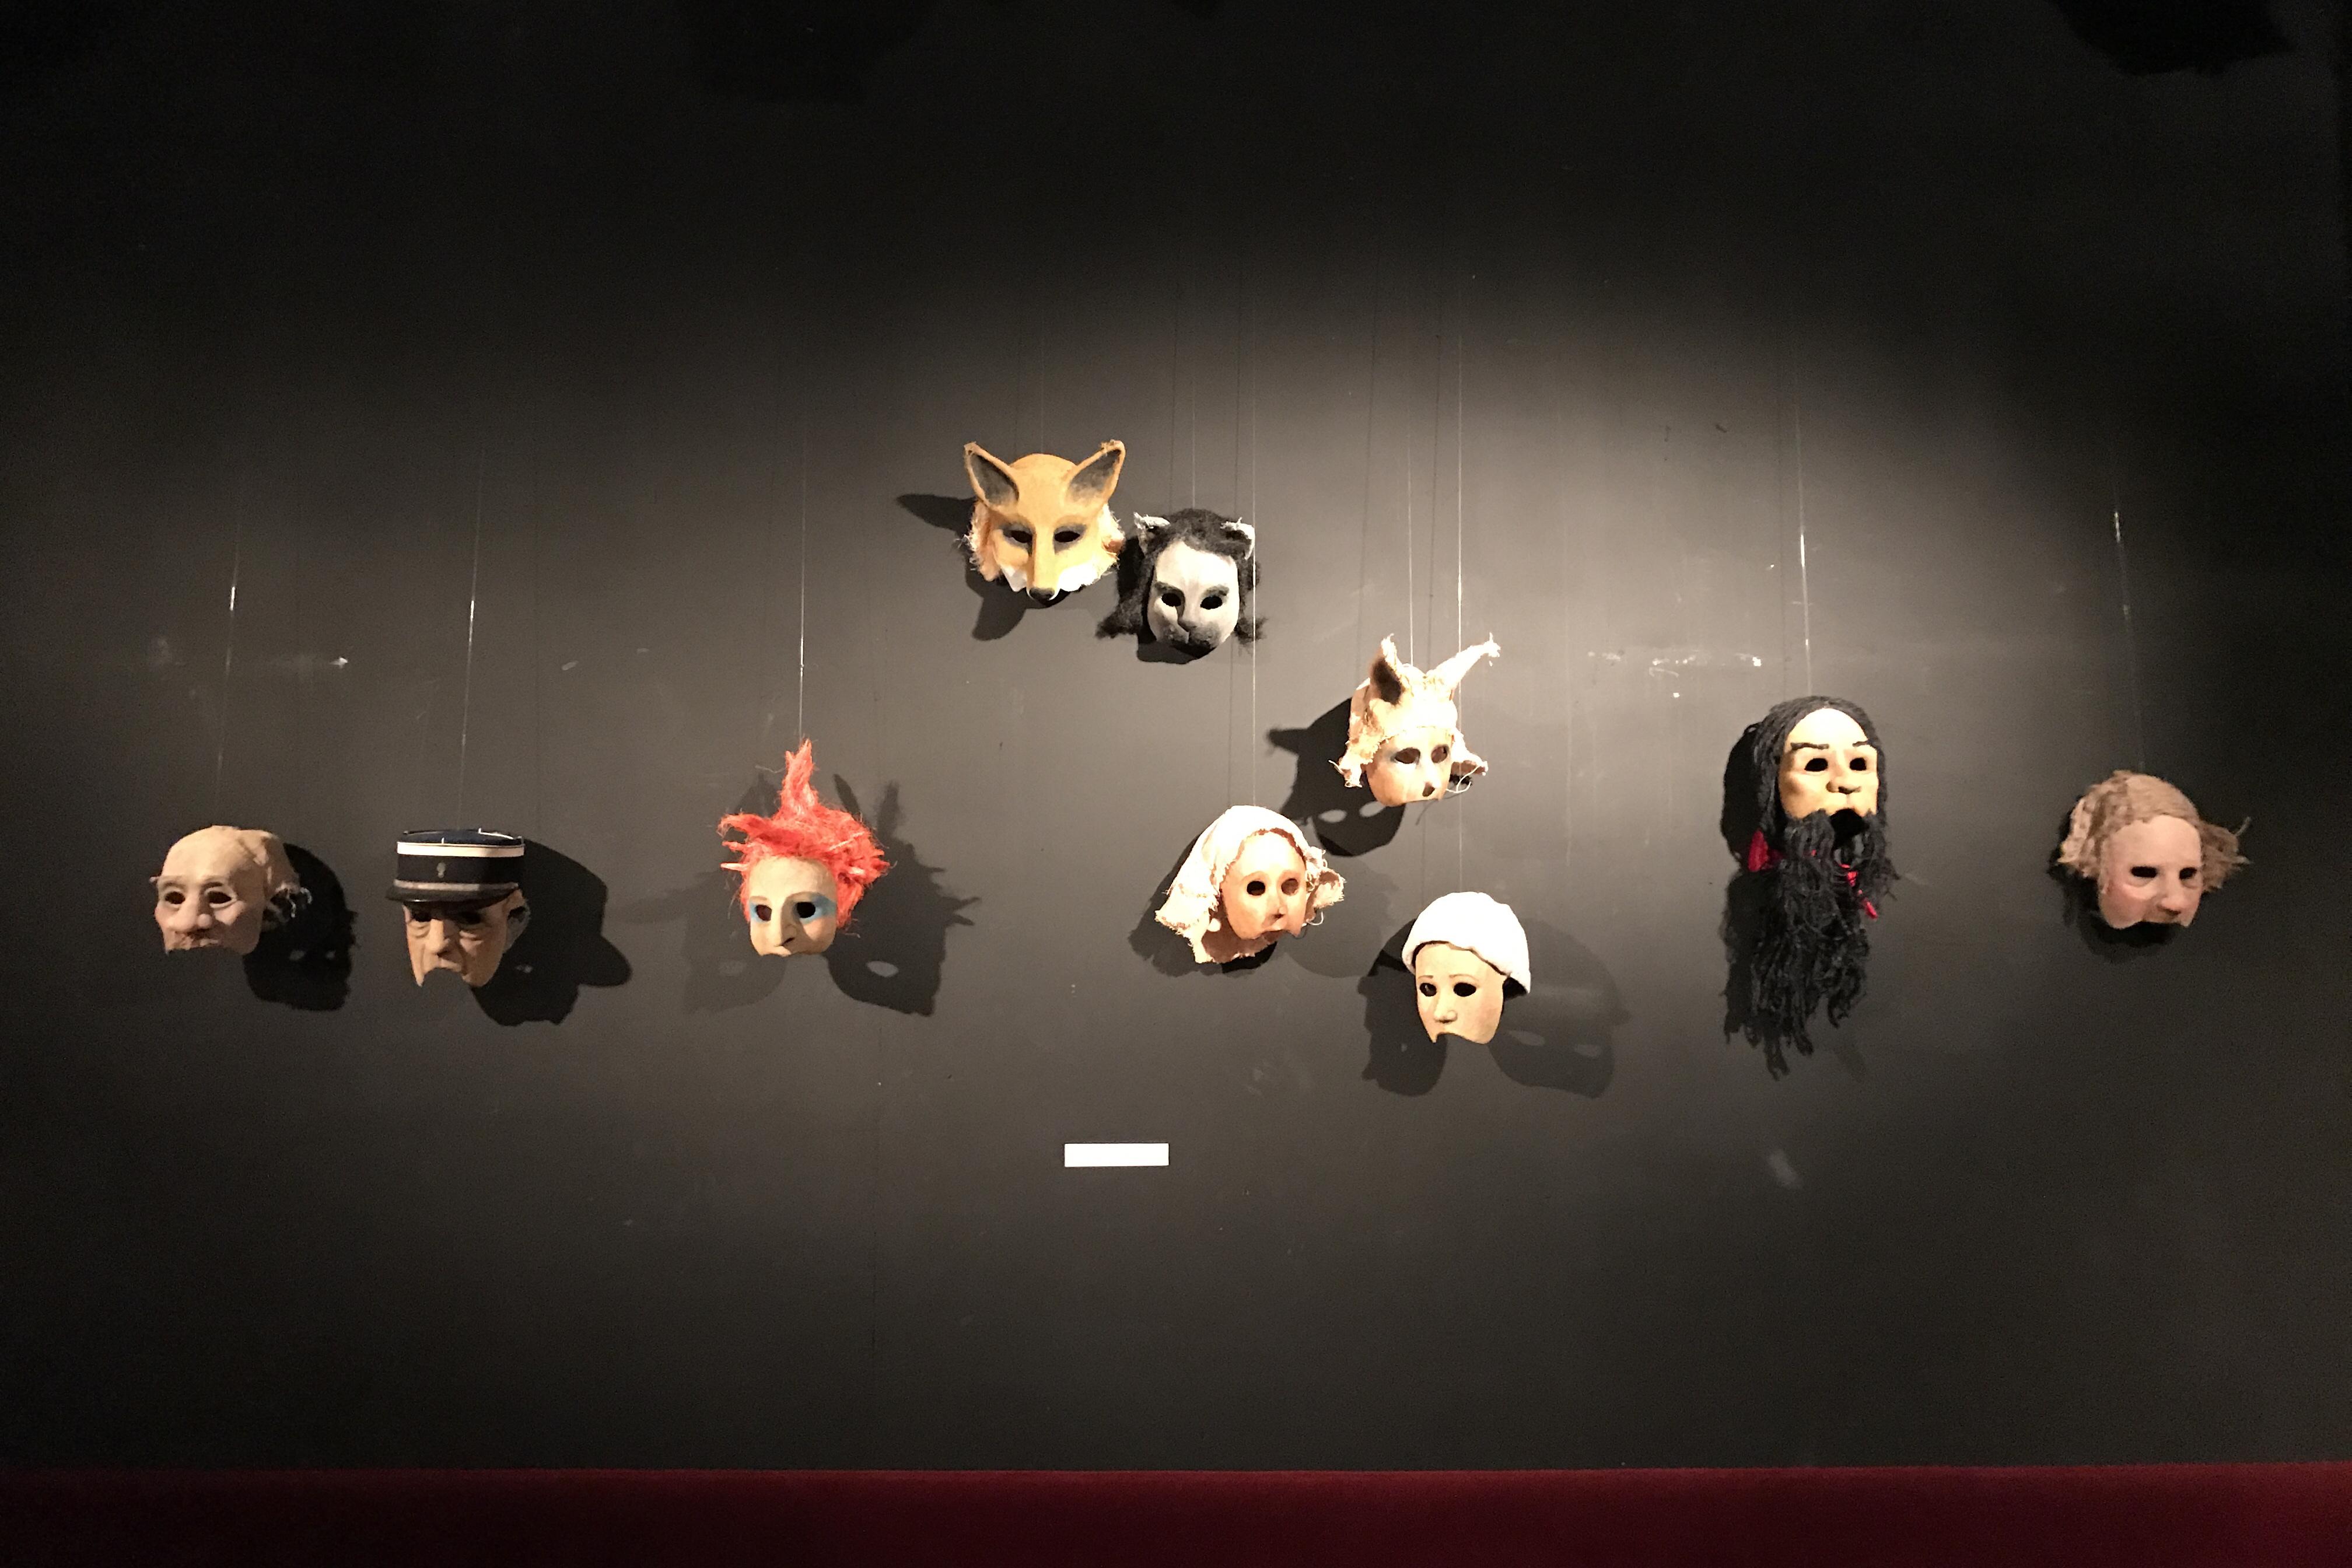 Exposition des masques de Pinocchio